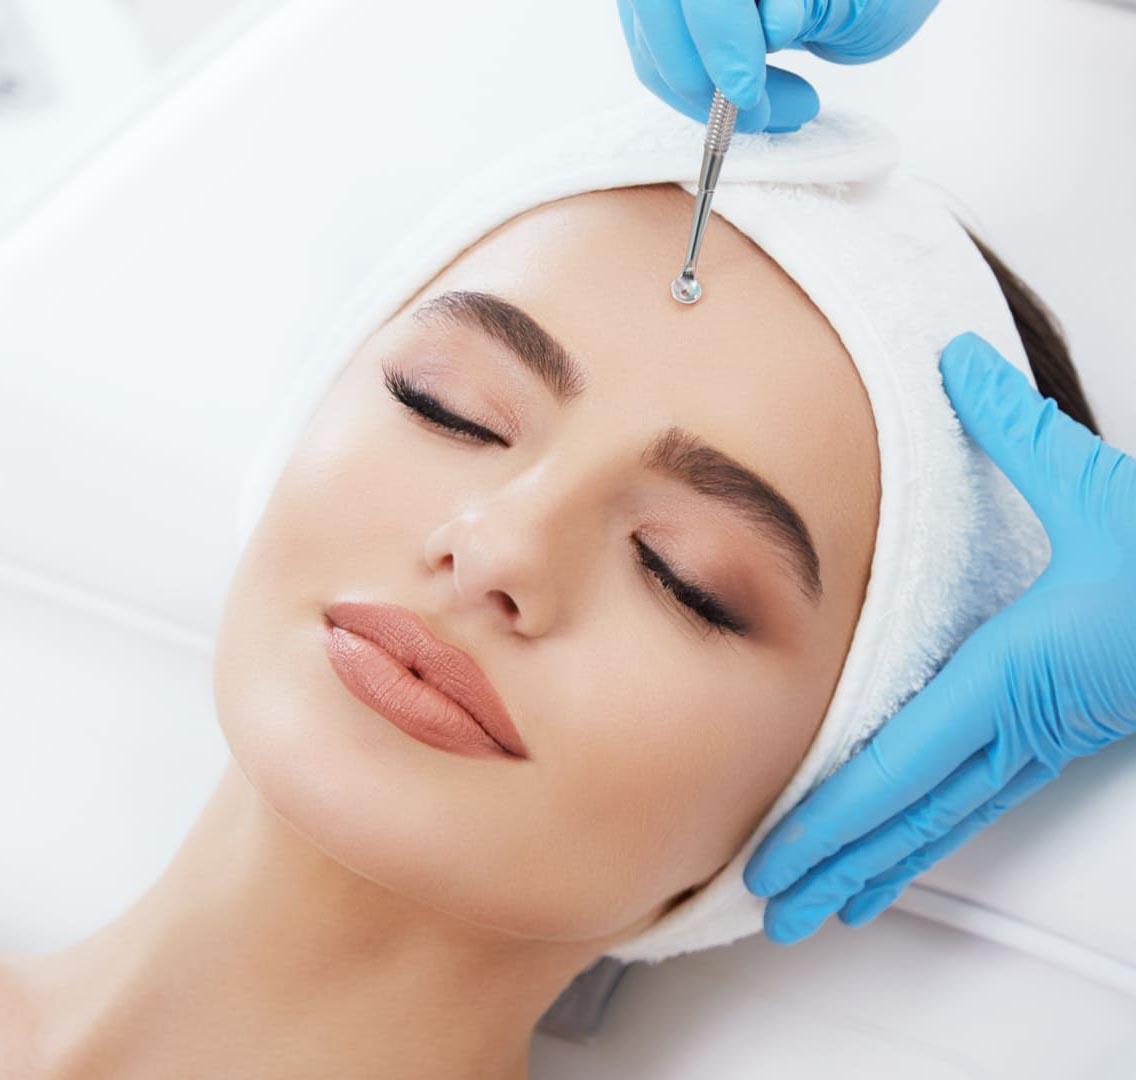 Механическая чистка лица в Одессе — ультразвуковая аппаратная чистка кожи | ARISTO